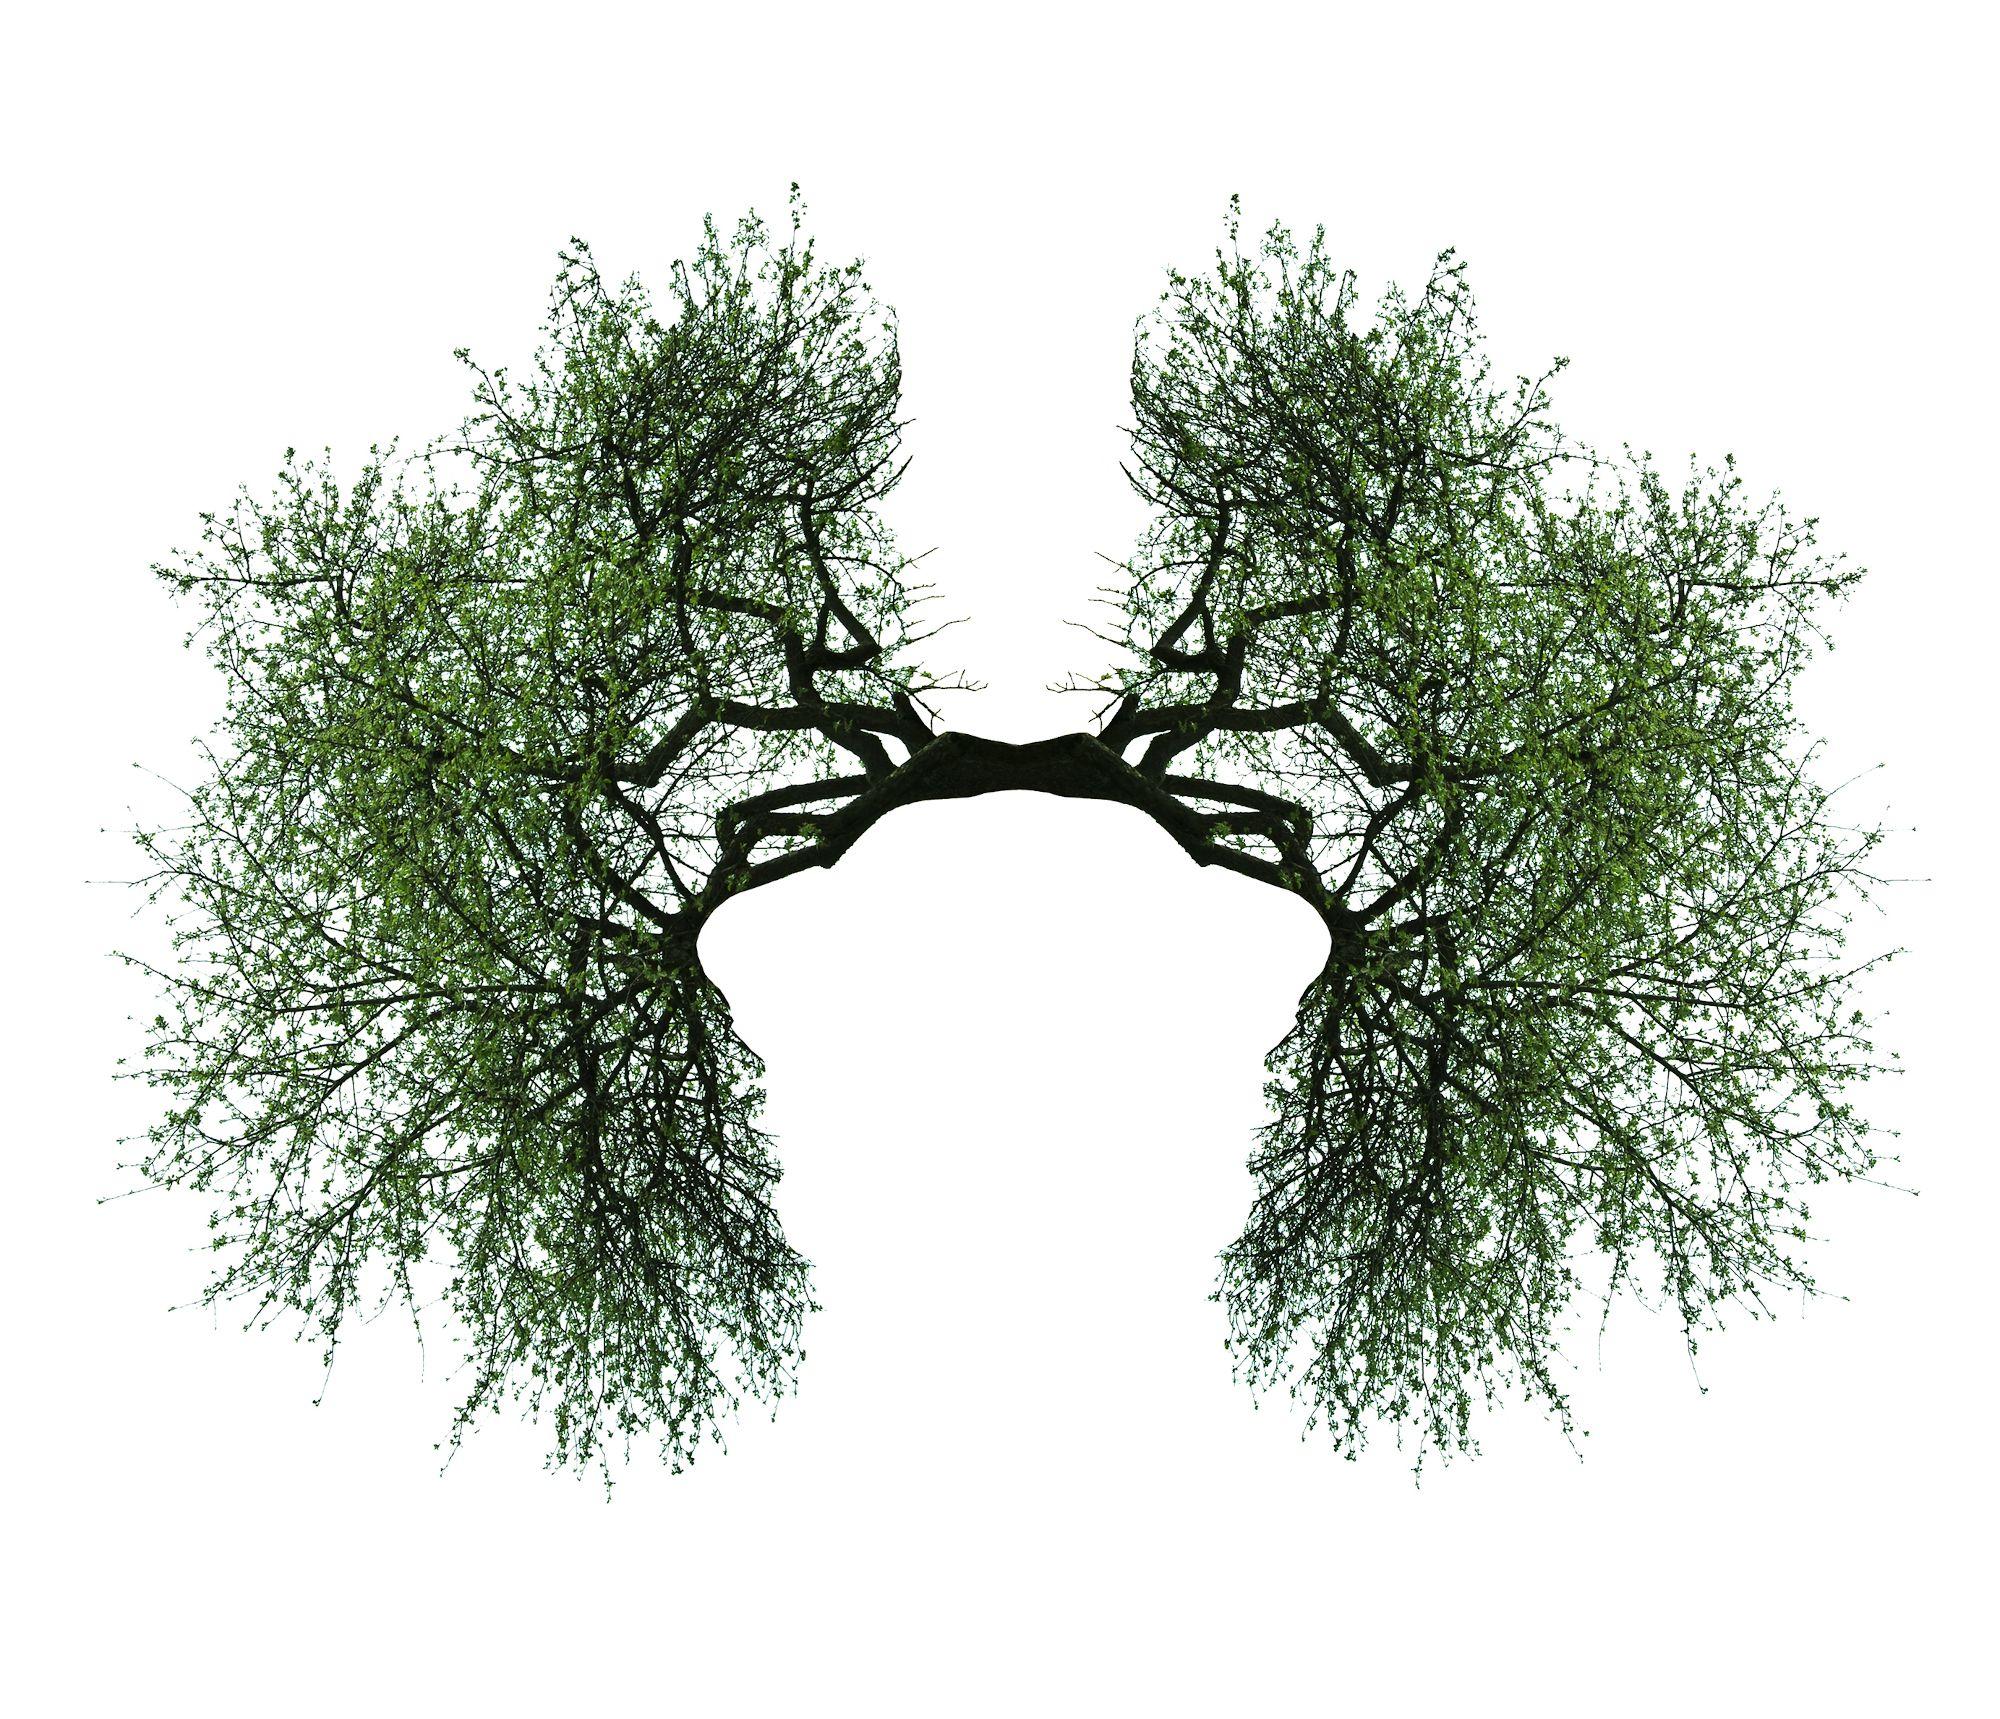 Keuhkot kuljettavat happea